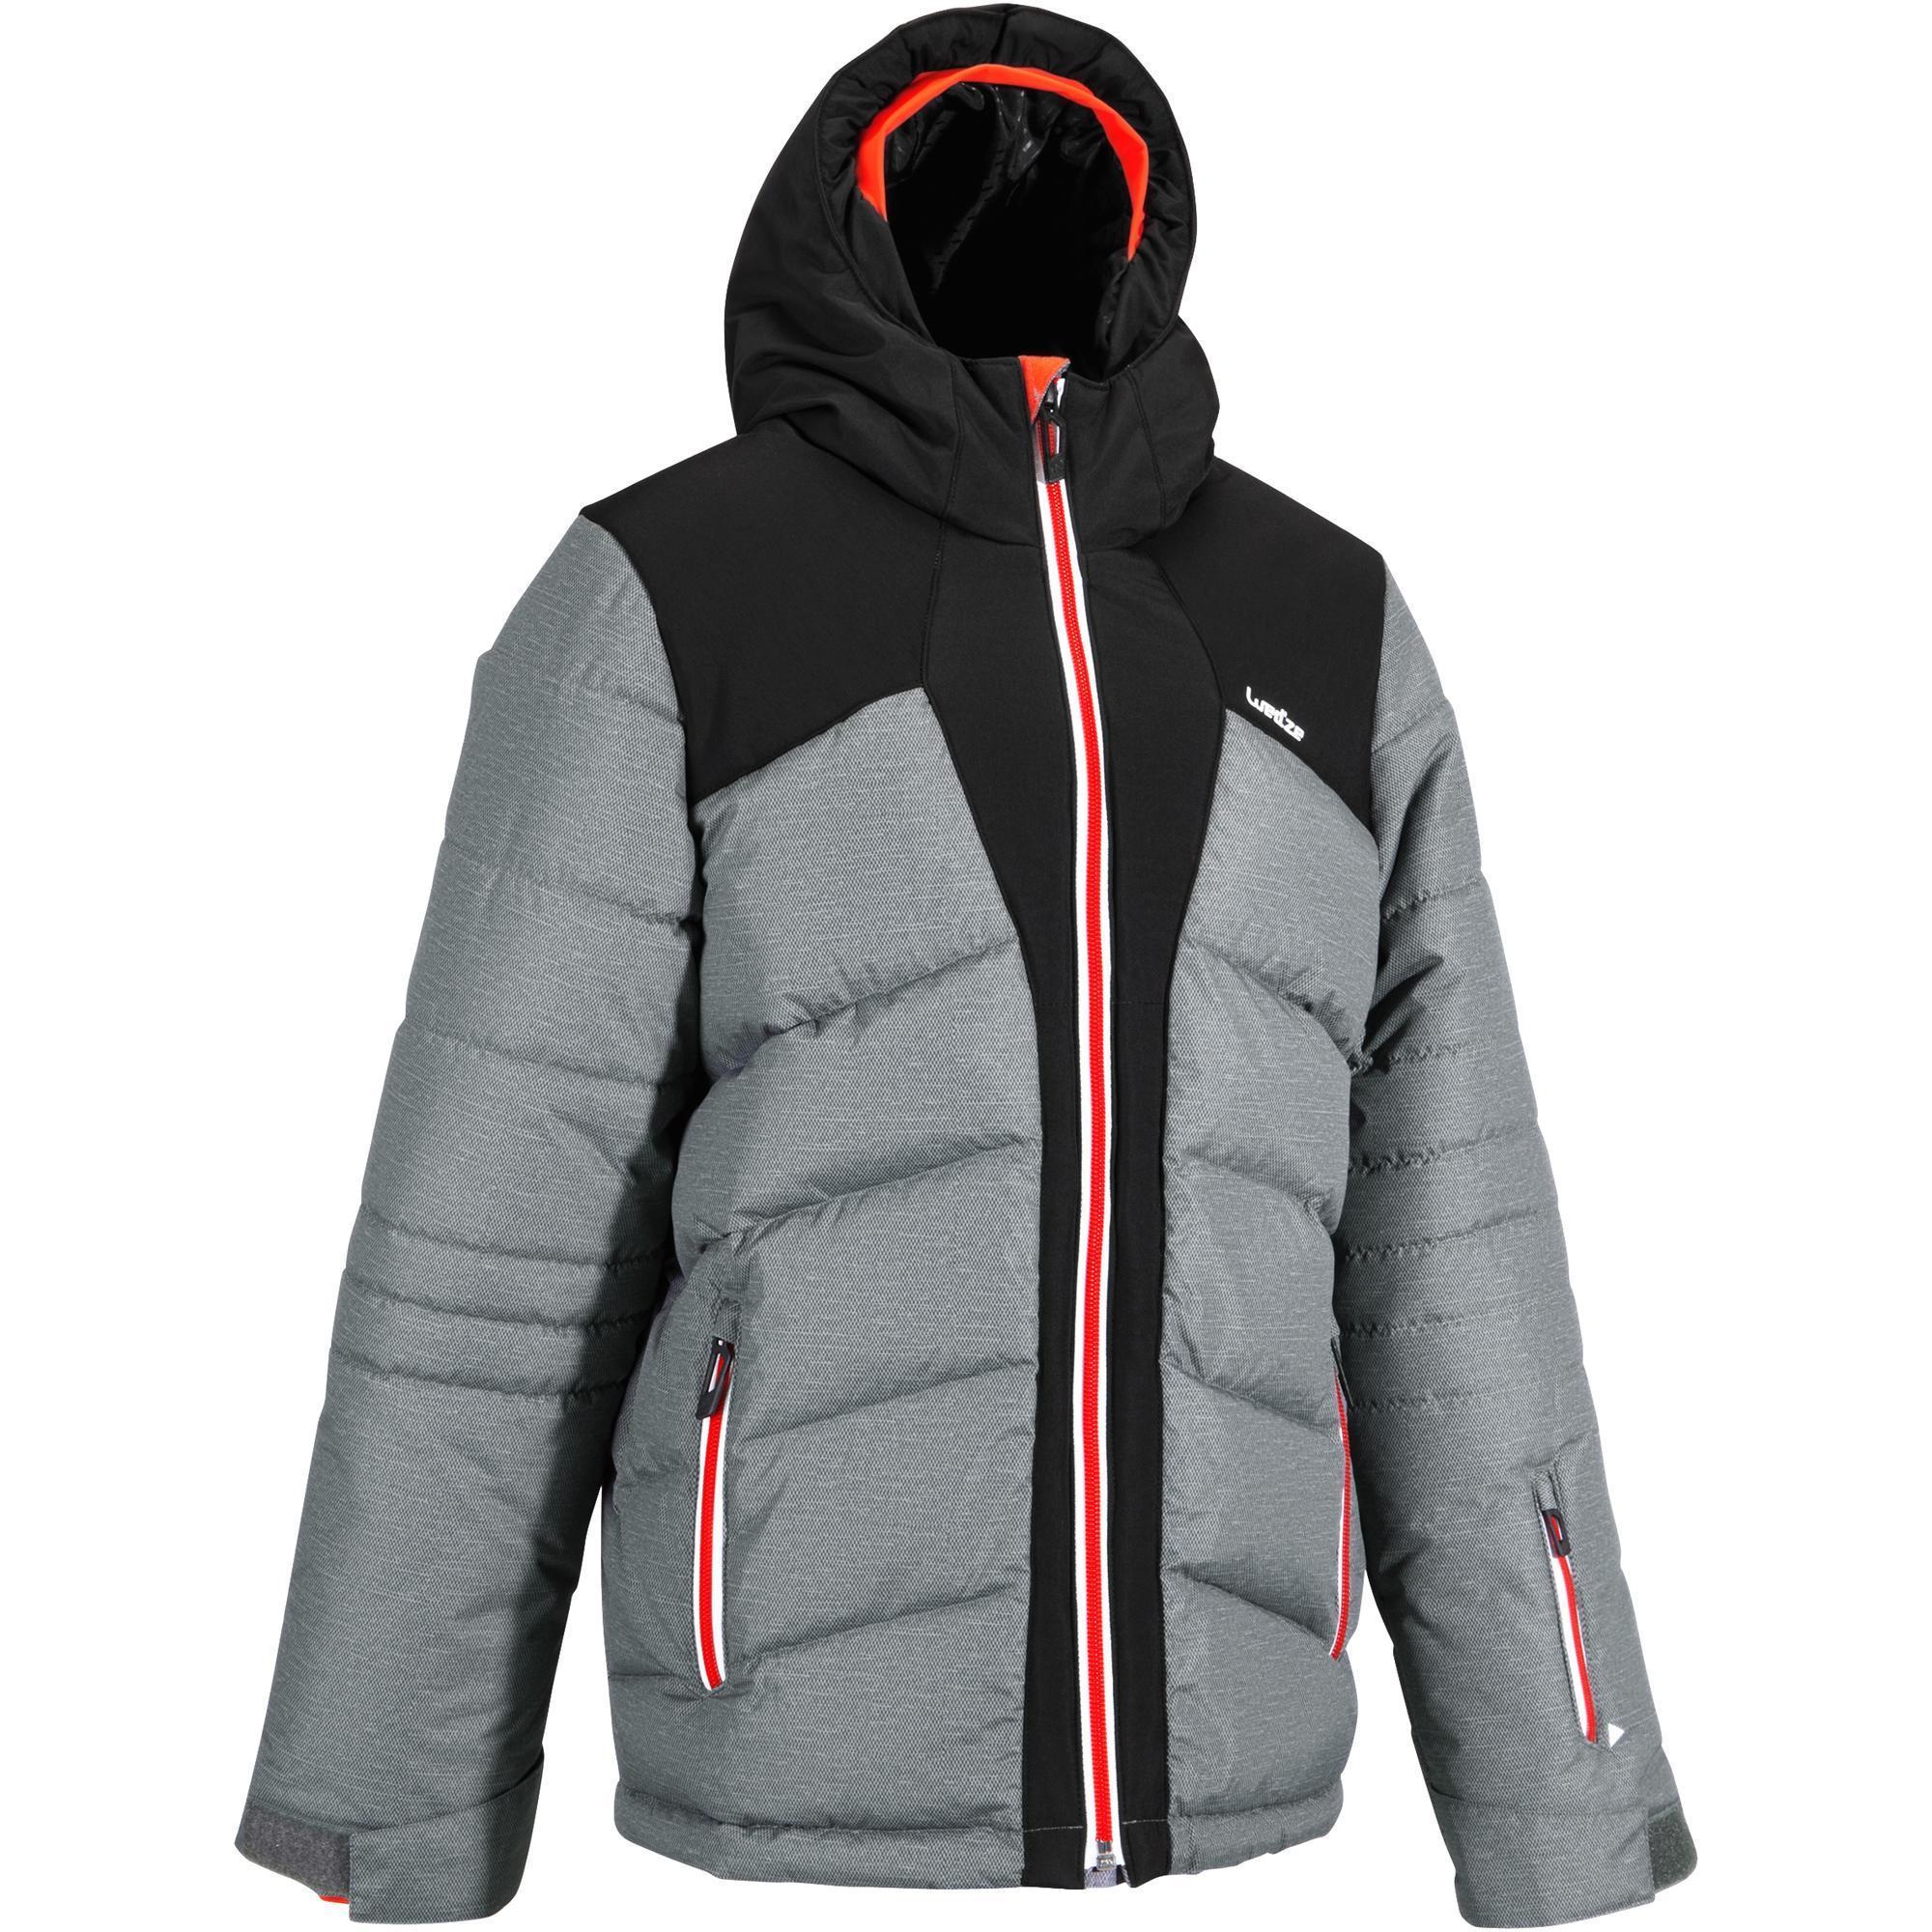 Veste de ski enfant warm 500 grise et noire wedze